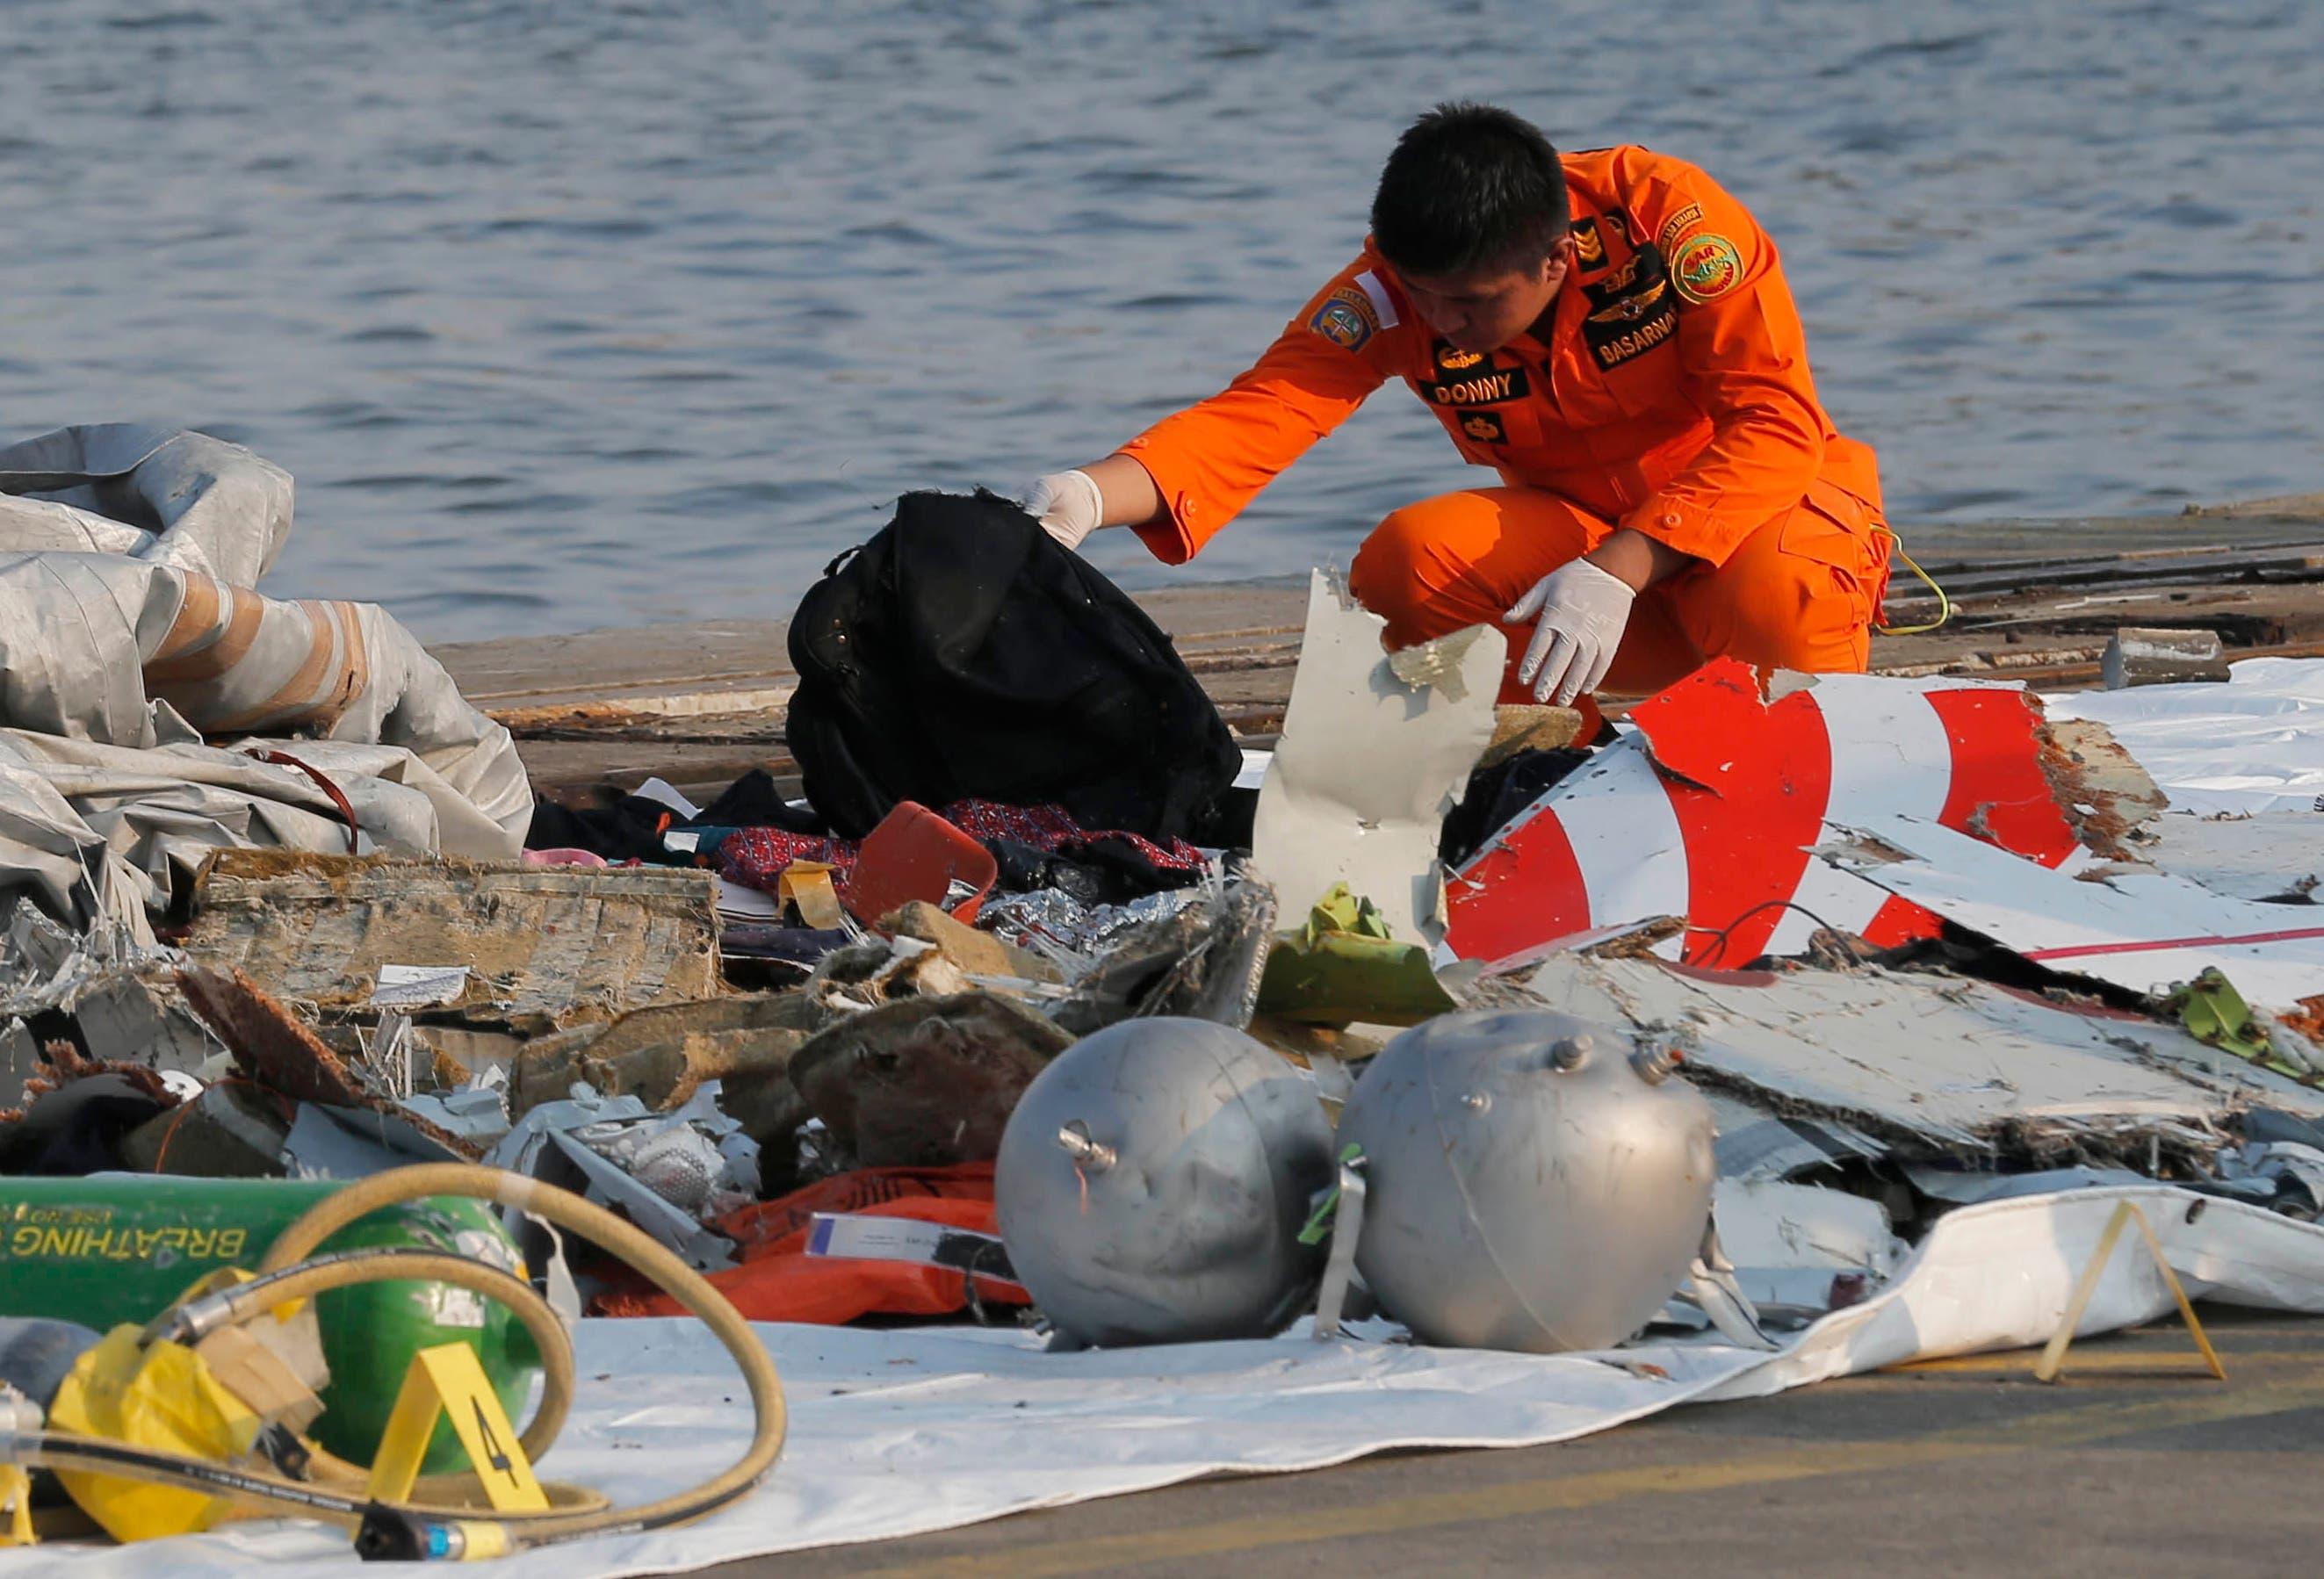 Ein Mitarbeiter der Rettungsdienste untersucht Trümmerteile. (Bild: AP Photo/Tatan Syuflana)